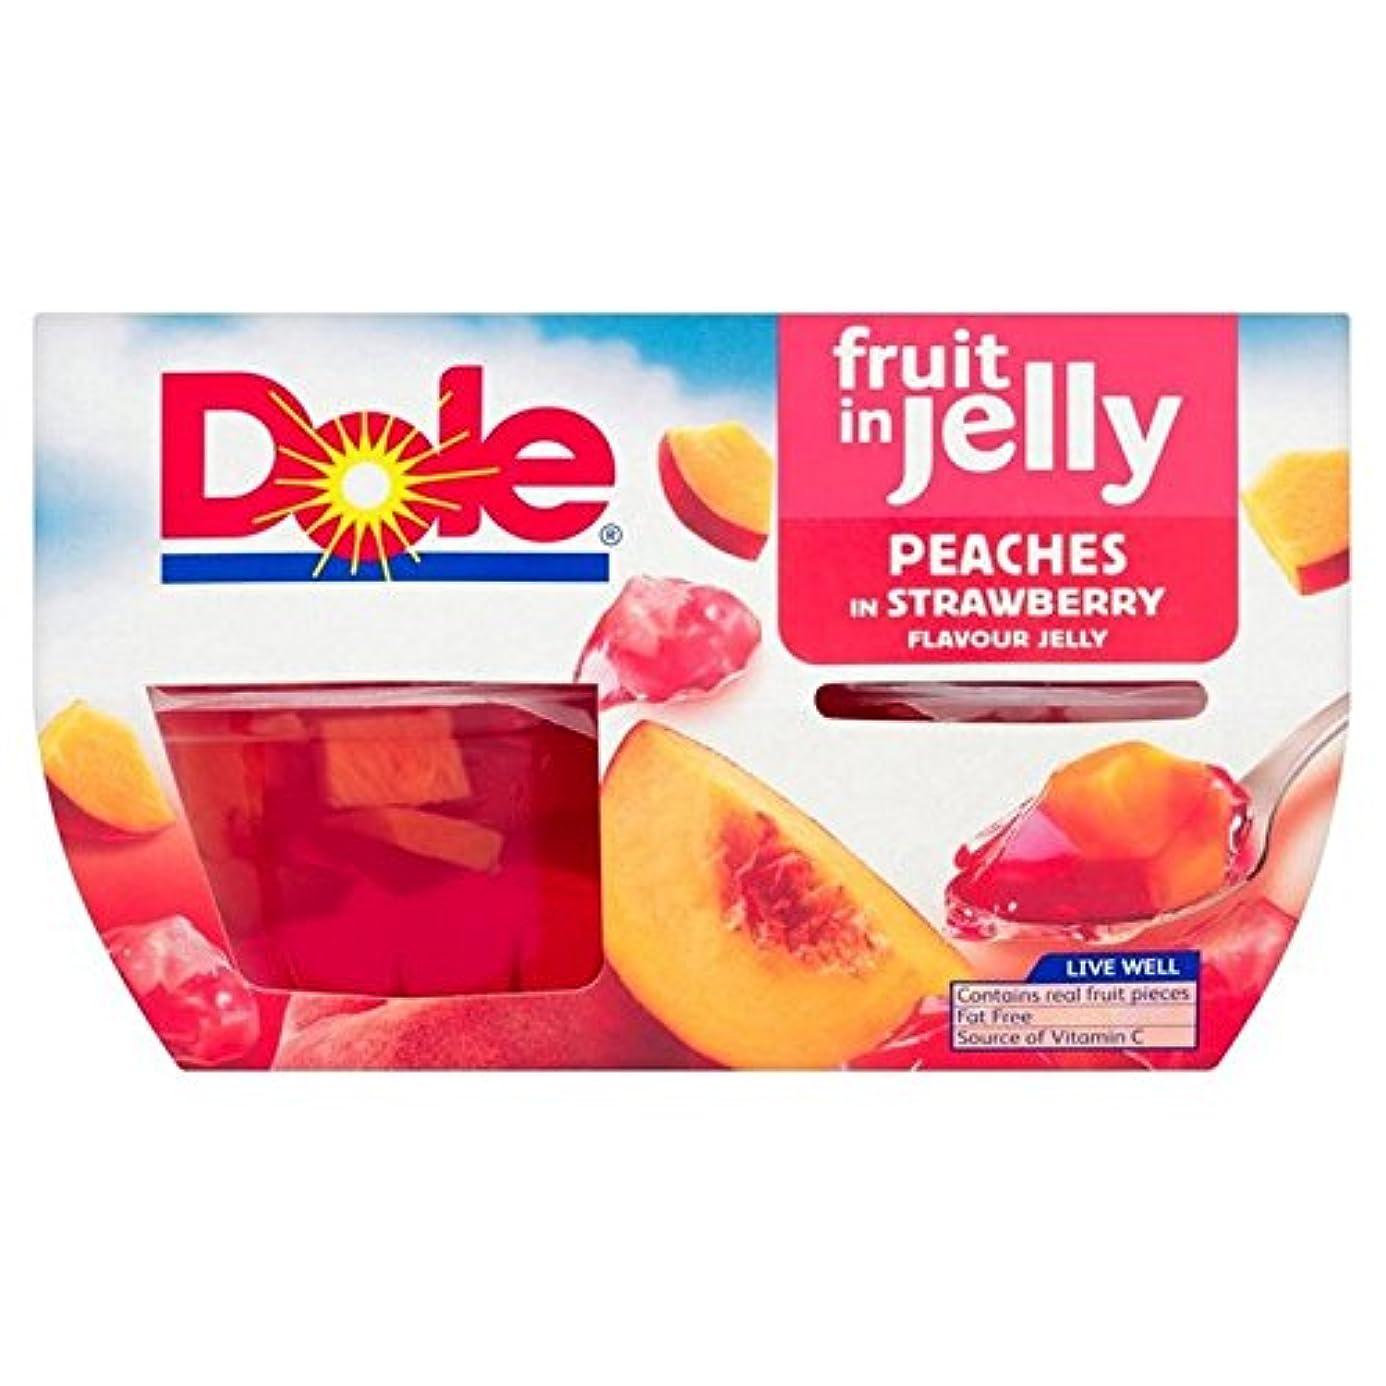 ミネラルモード打ち負かすDole Fruit in Jelly Peaches 4 x 113g - (Dole) ゼリー桃4×113グラムでフルーツ [並行輸入品]